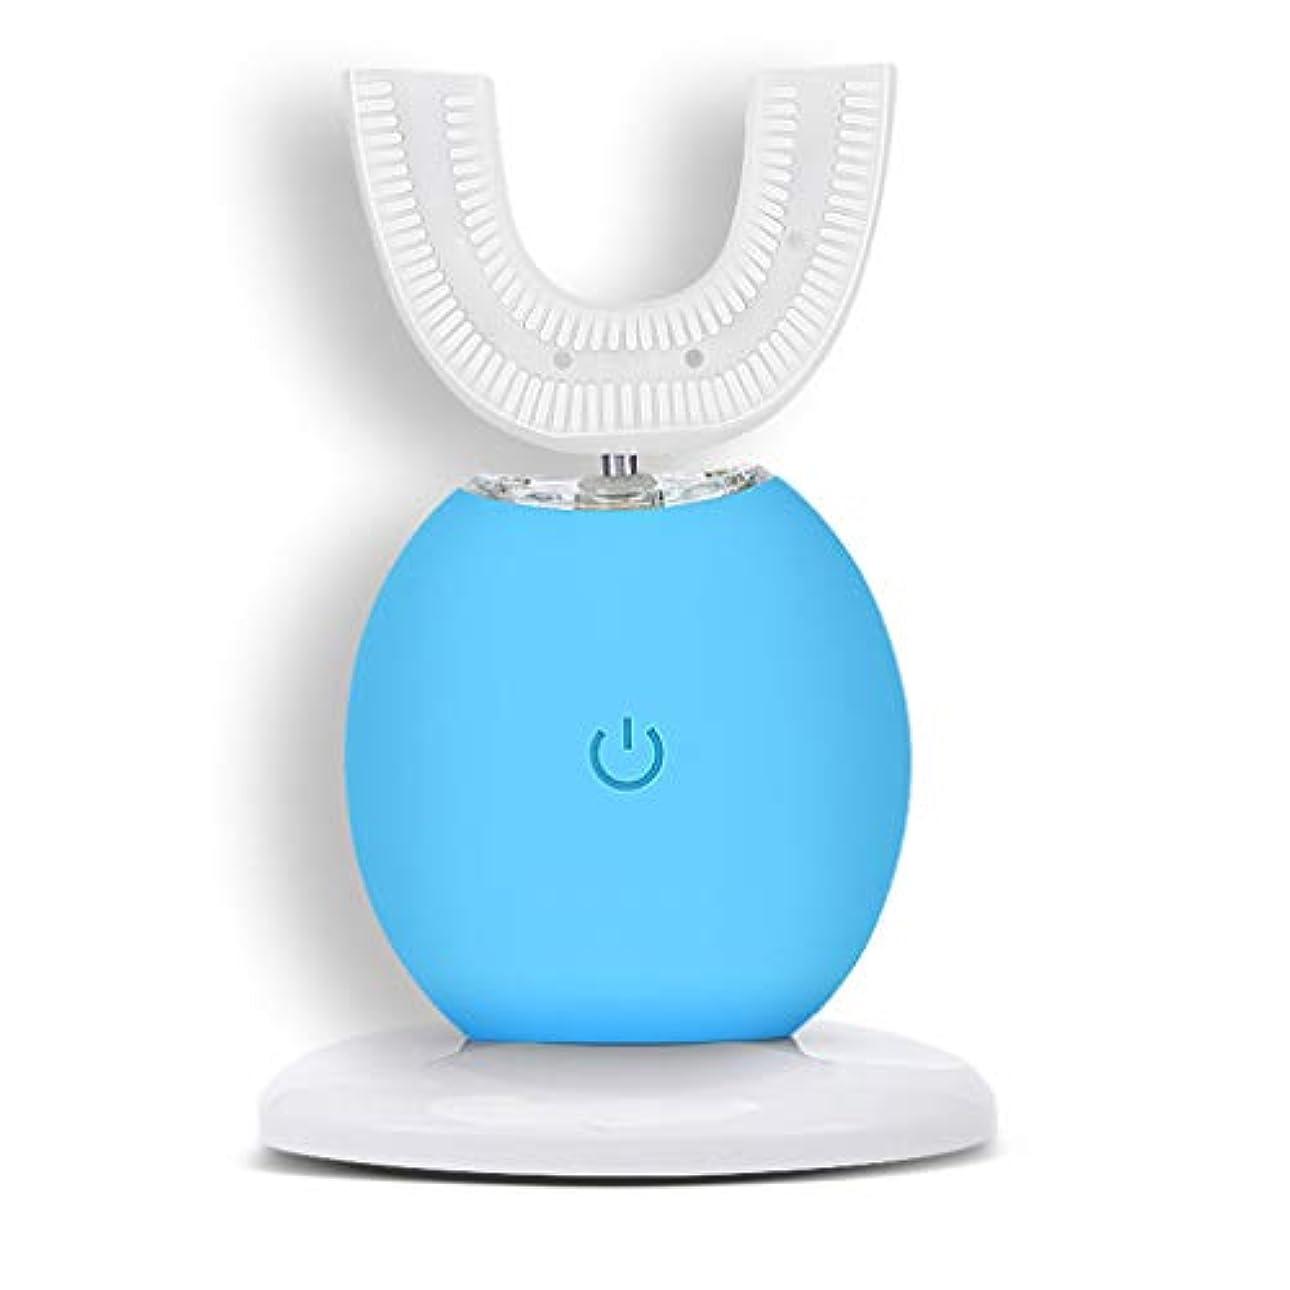 ストレッチあたり左自動電動歯ブラシインテリジェント超音波ホワイトニング防水カップルブレース怠惰なブラッシングアーティファクト (色 : 青)